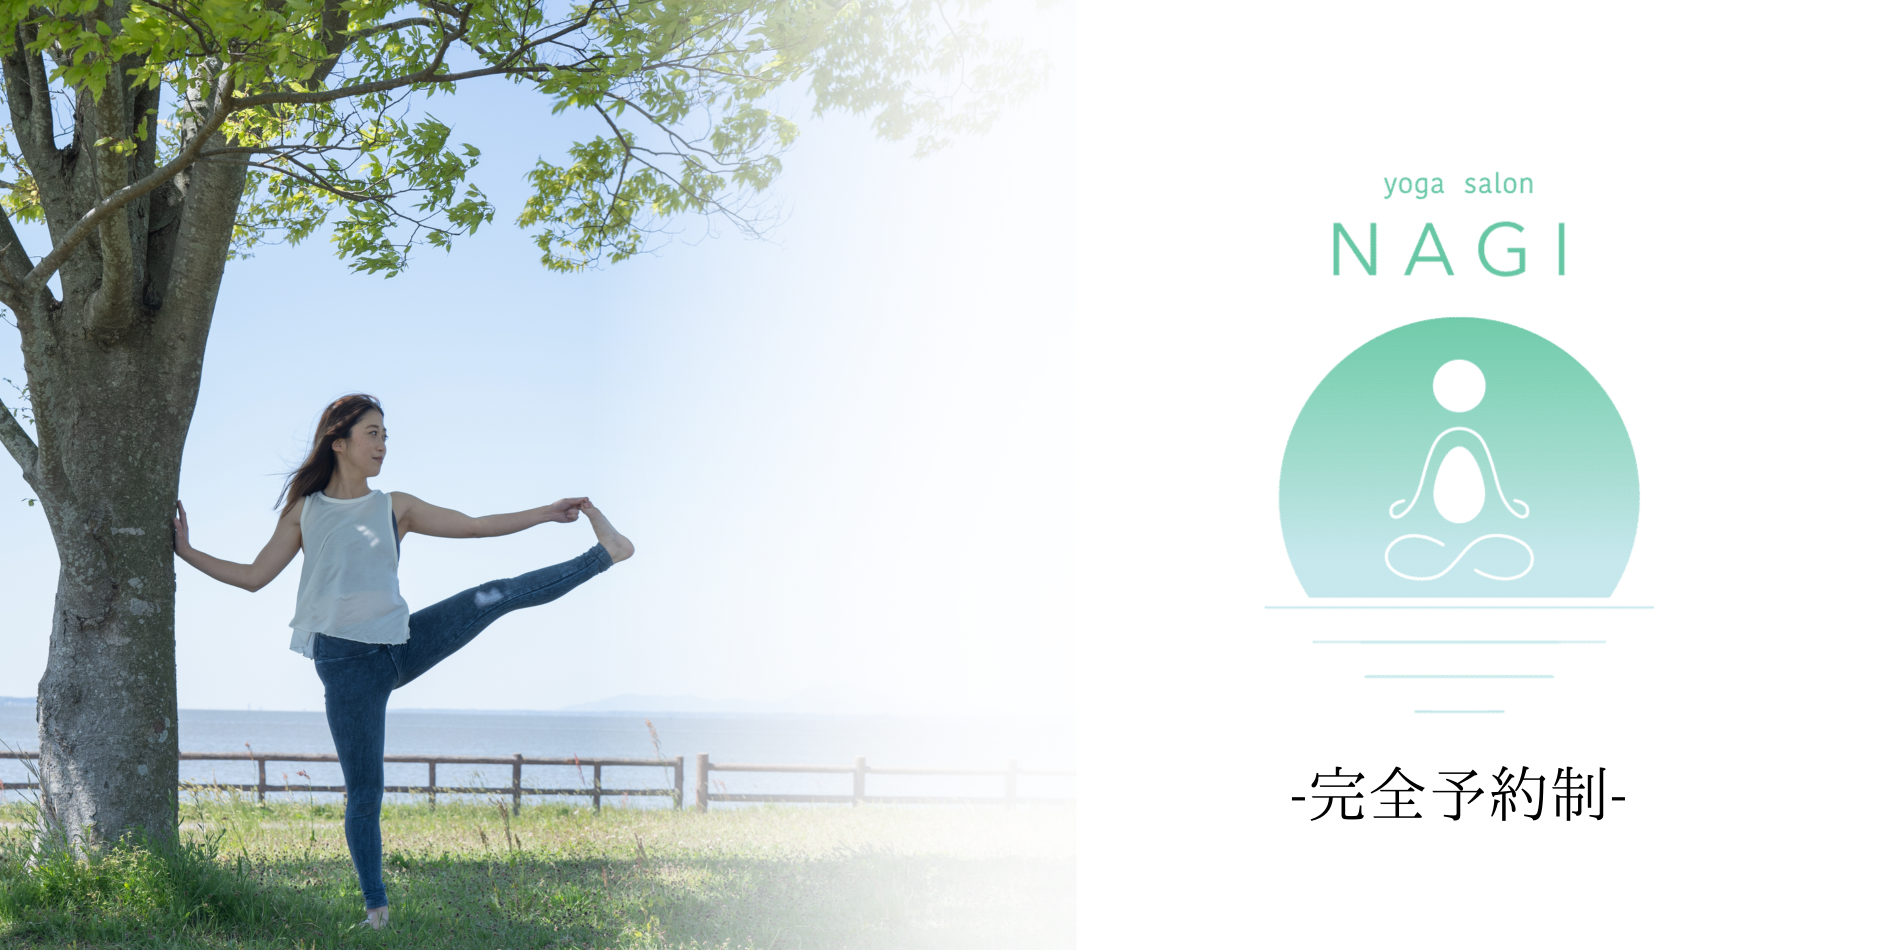 潮来市日の出 yoga salon NAGI 10月OPEN予定